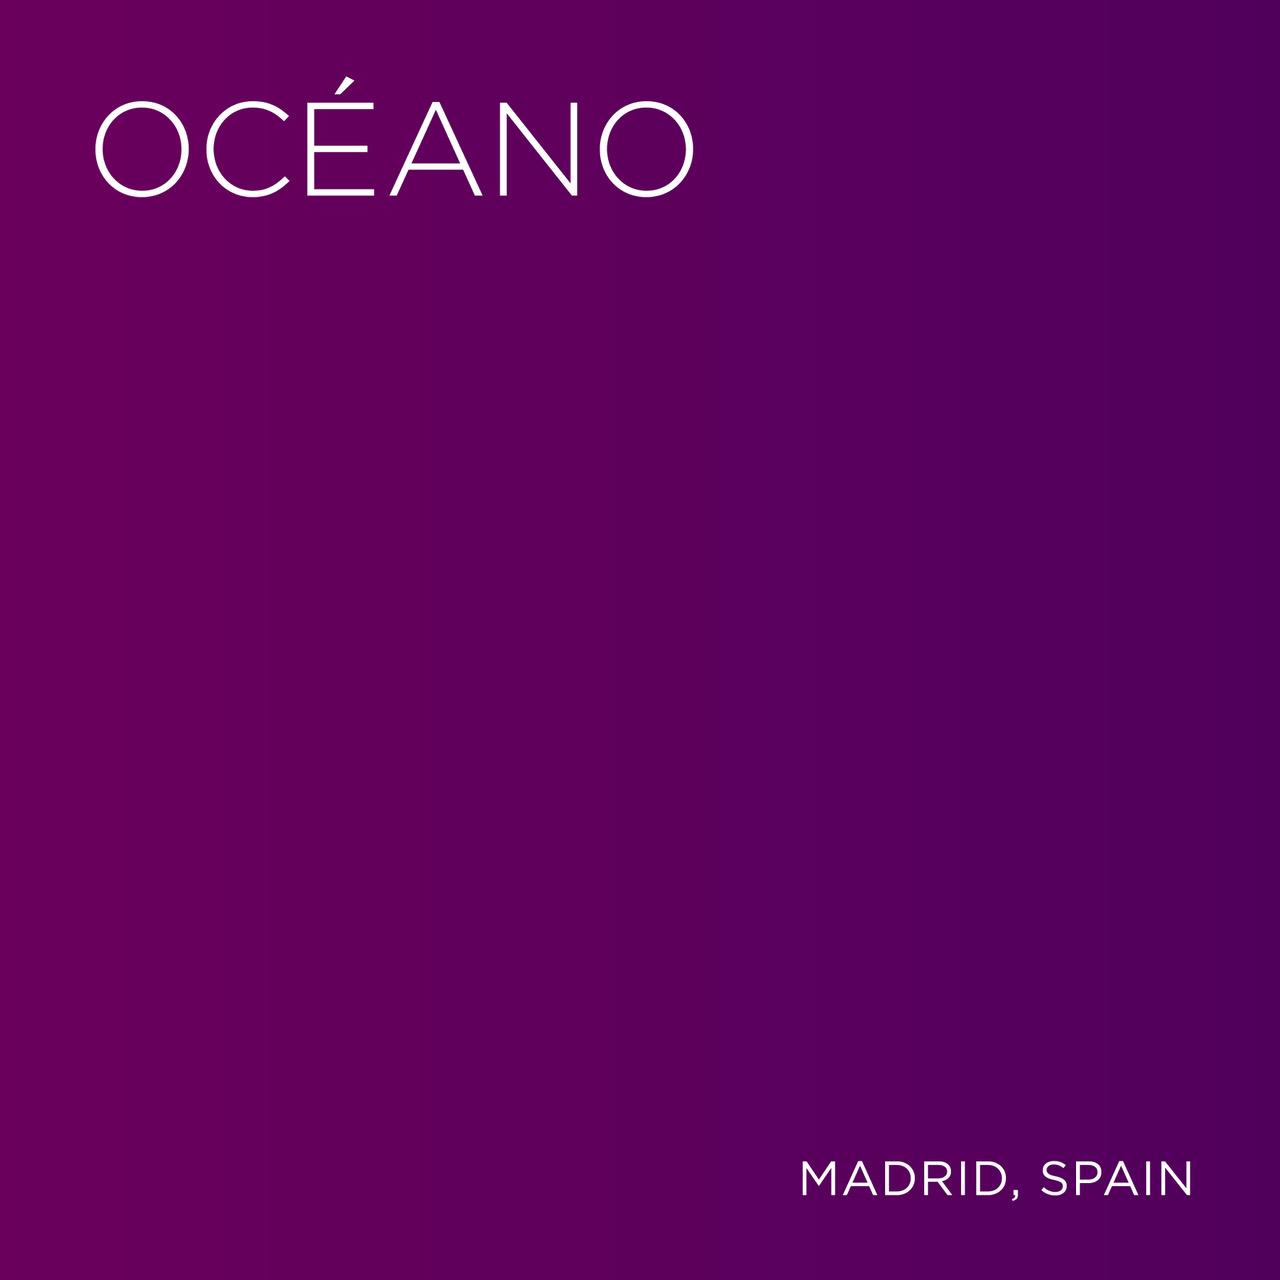 5_OCEANO.jpg